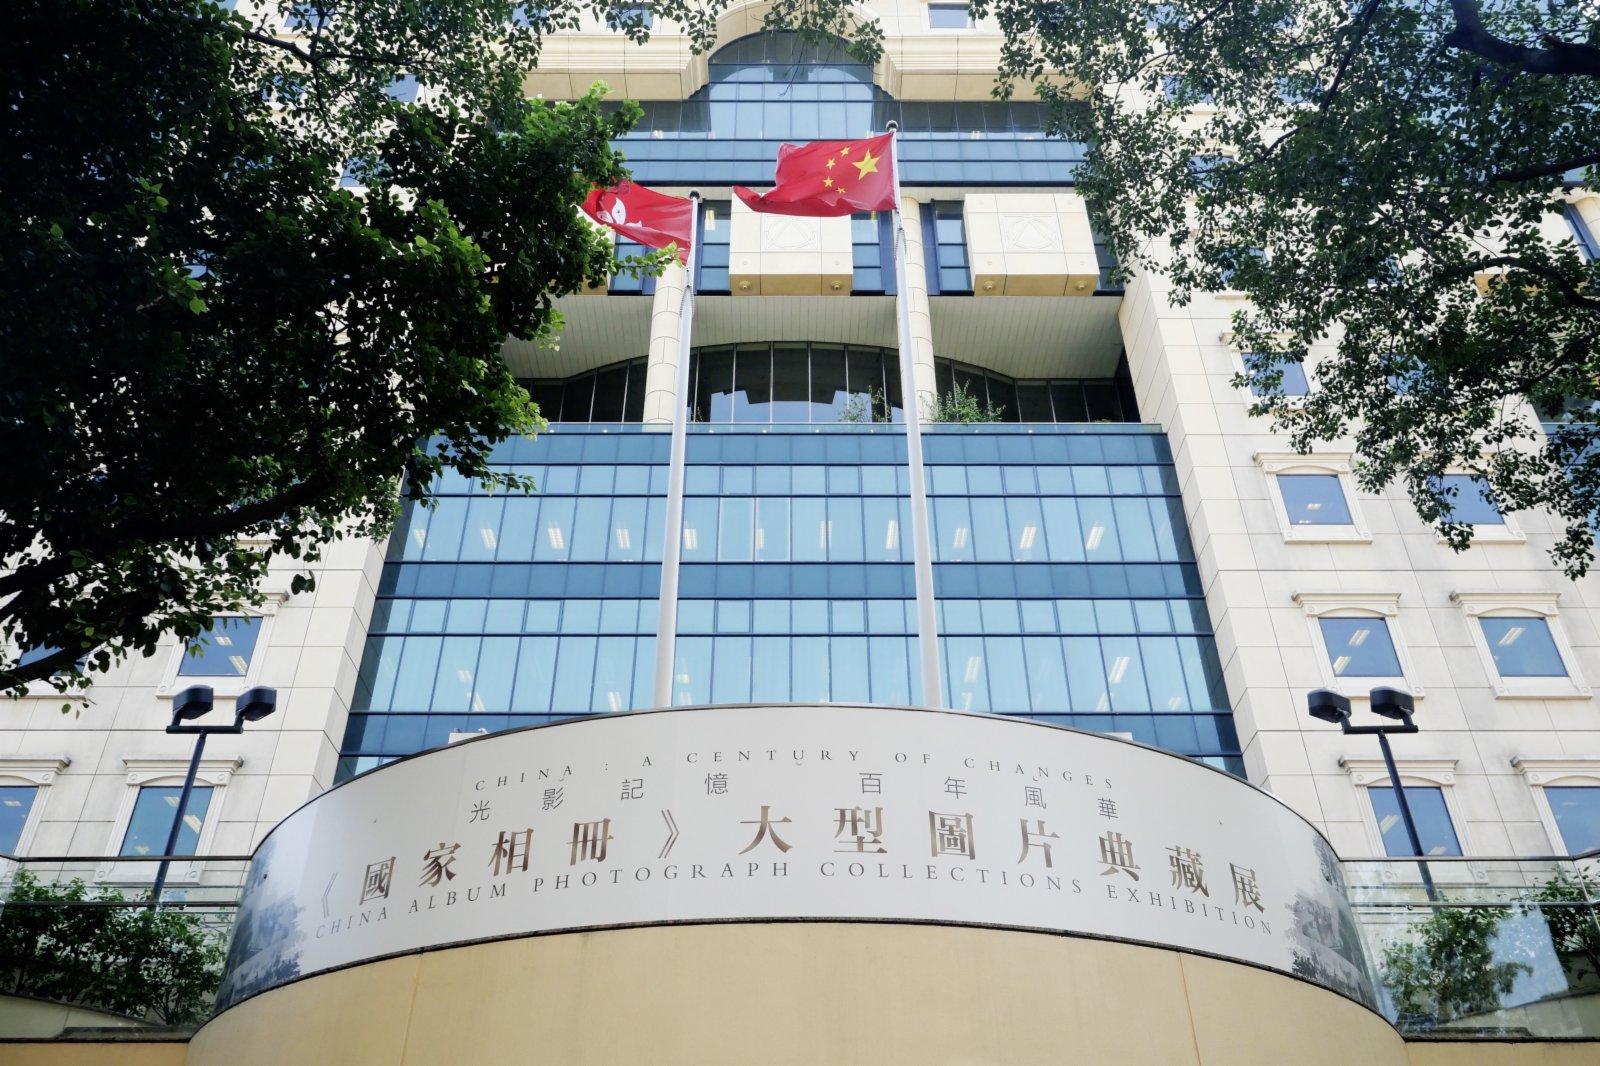 「光影記憶 百年風華——《國家相冊》大型圖片典藏展」在香港中央圖書館展出。(新華社)